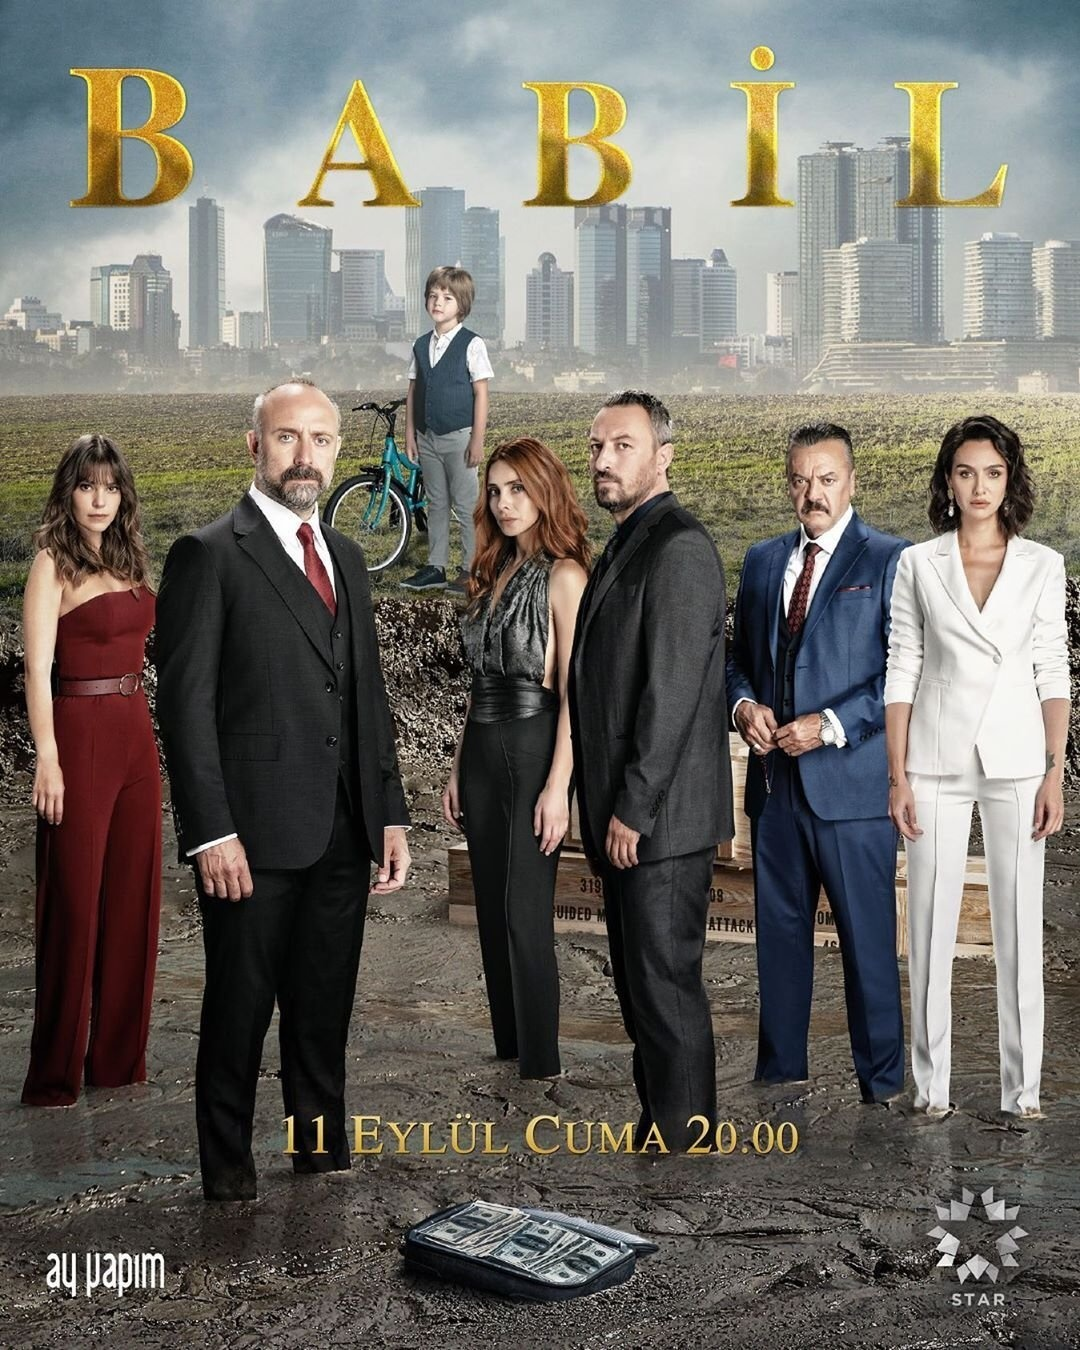 بابل 2 الحلقة 13 مدبلج